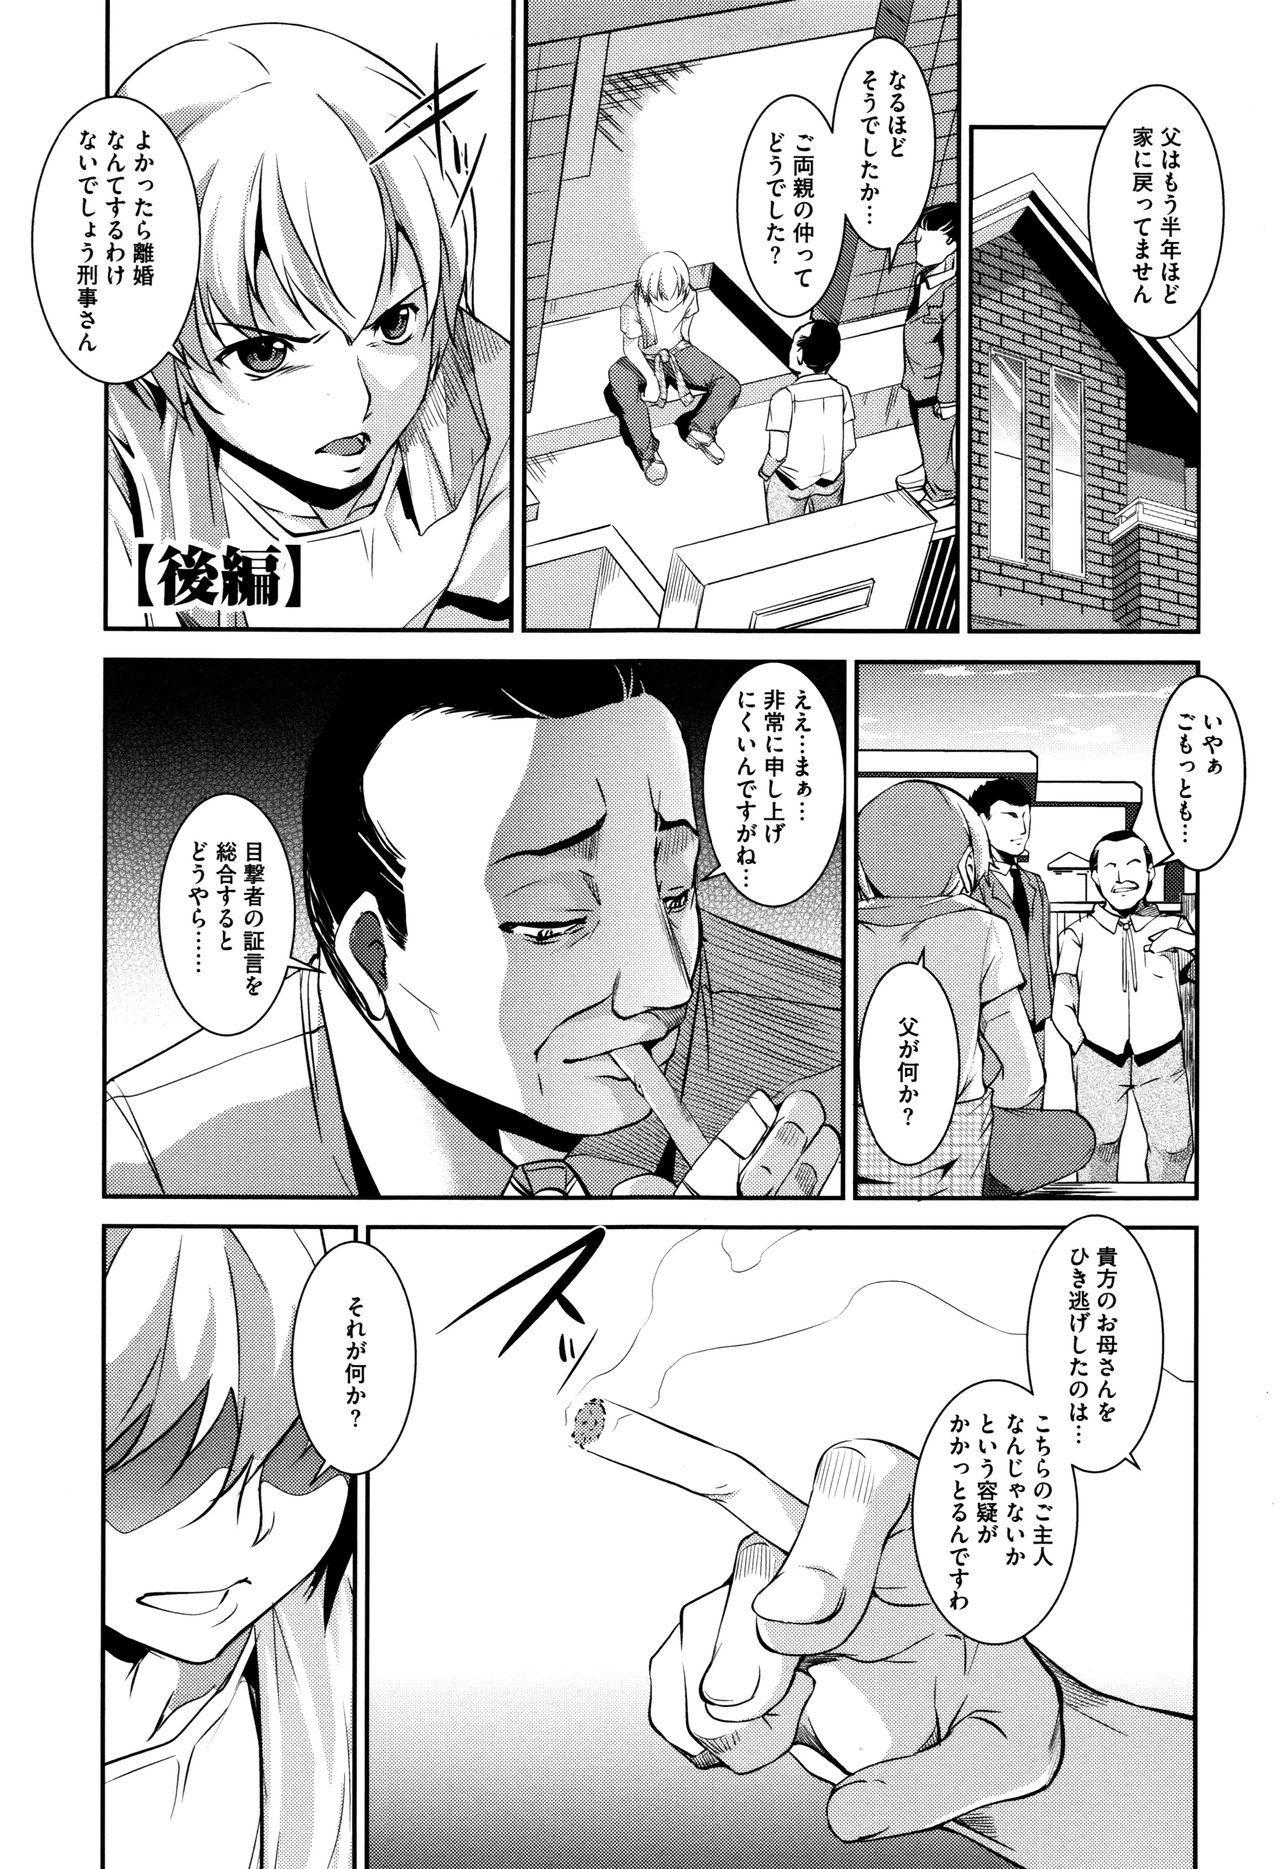 Seida Inyou 179